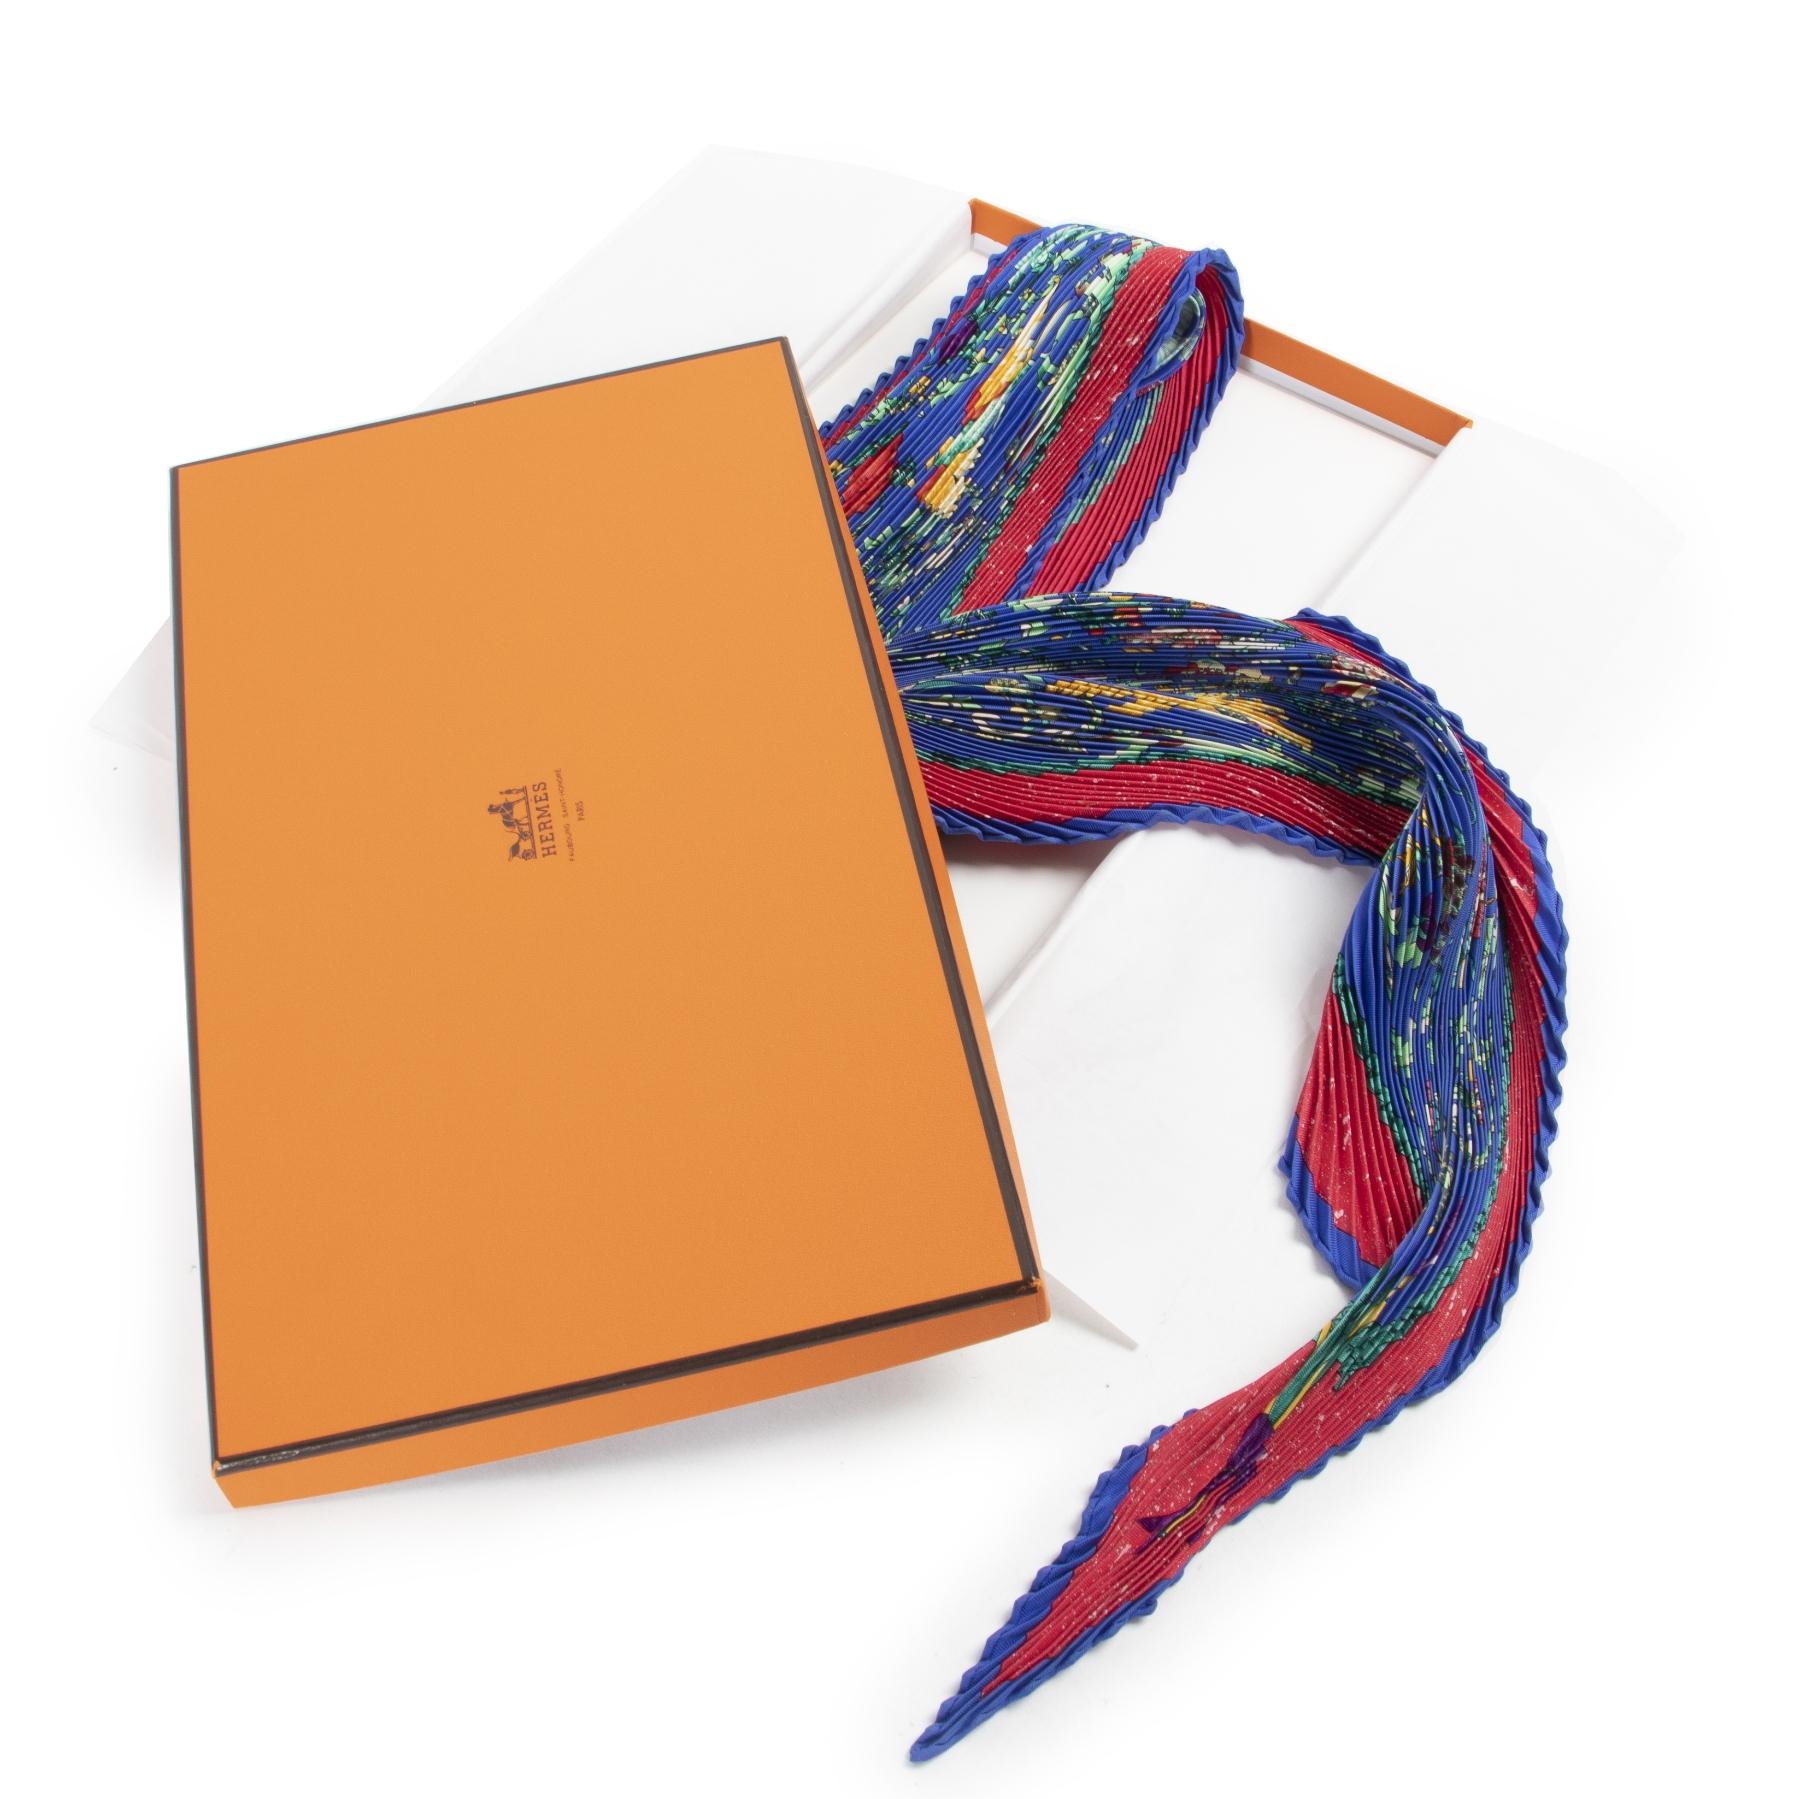 acheter en ligne seconde main Hermes Floral Plissé Carré